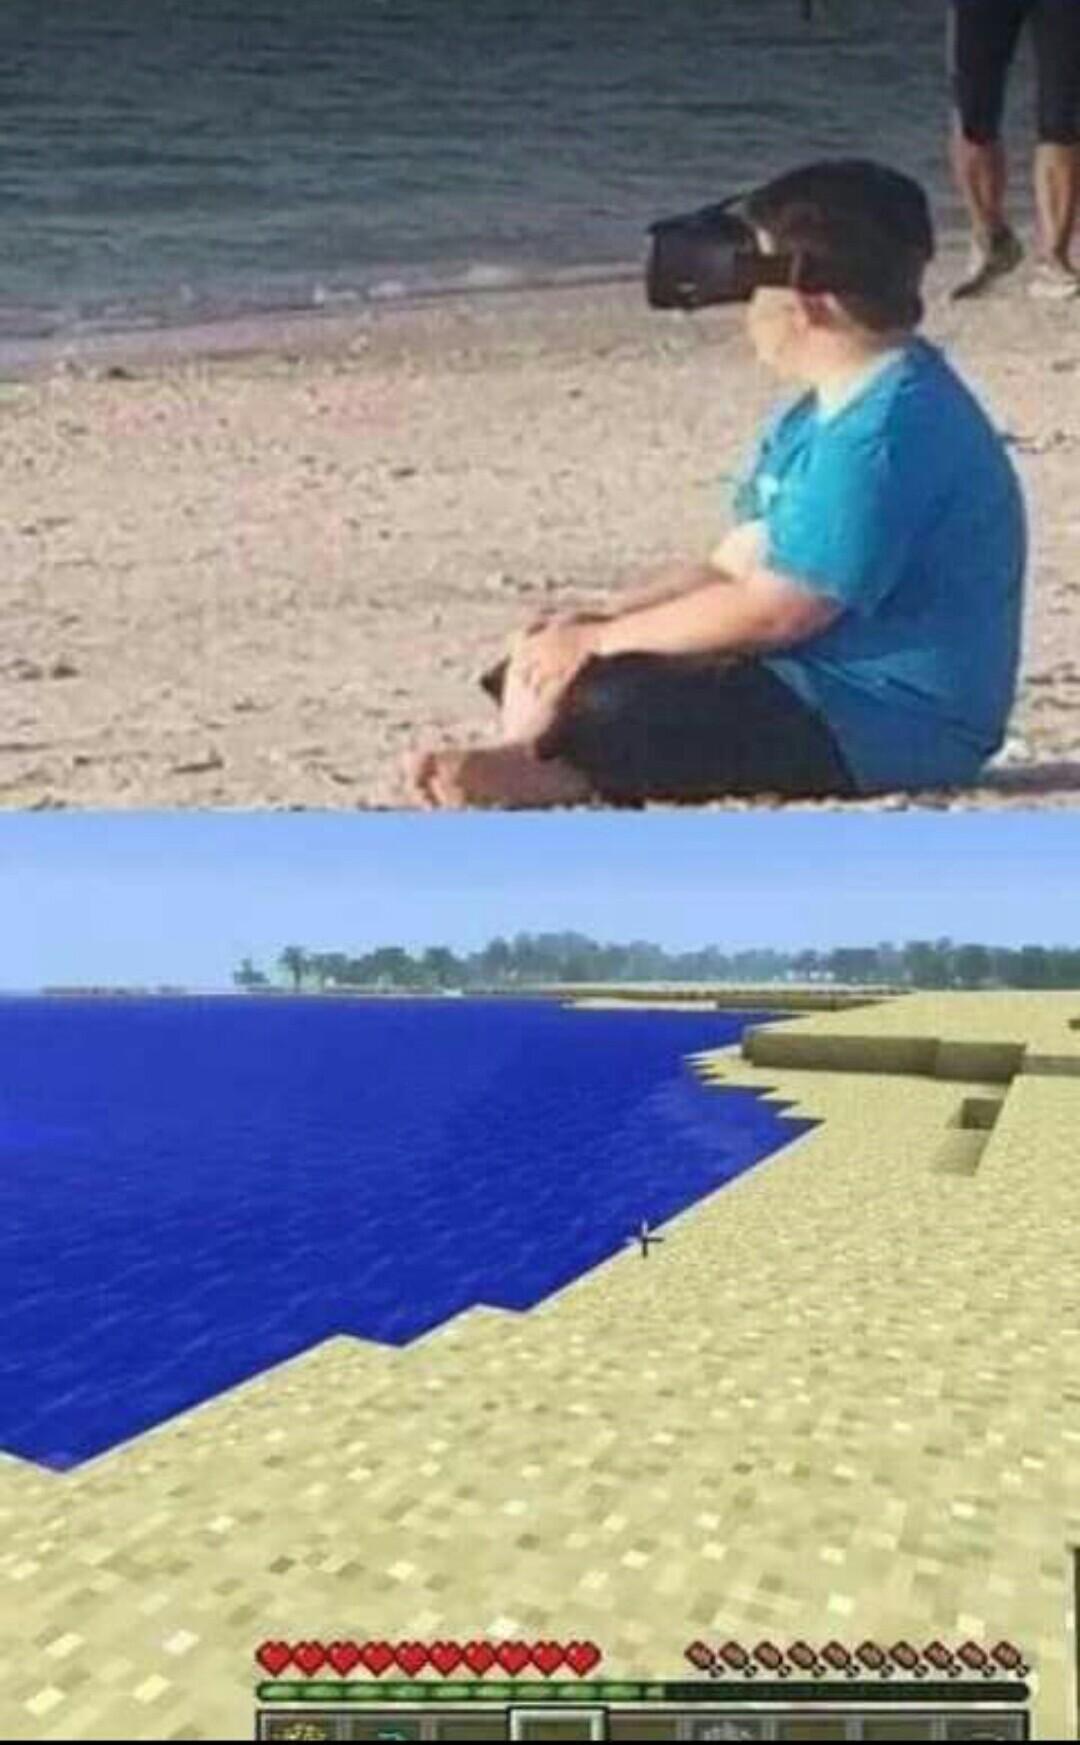 VR melhor que a propria realidade - meme